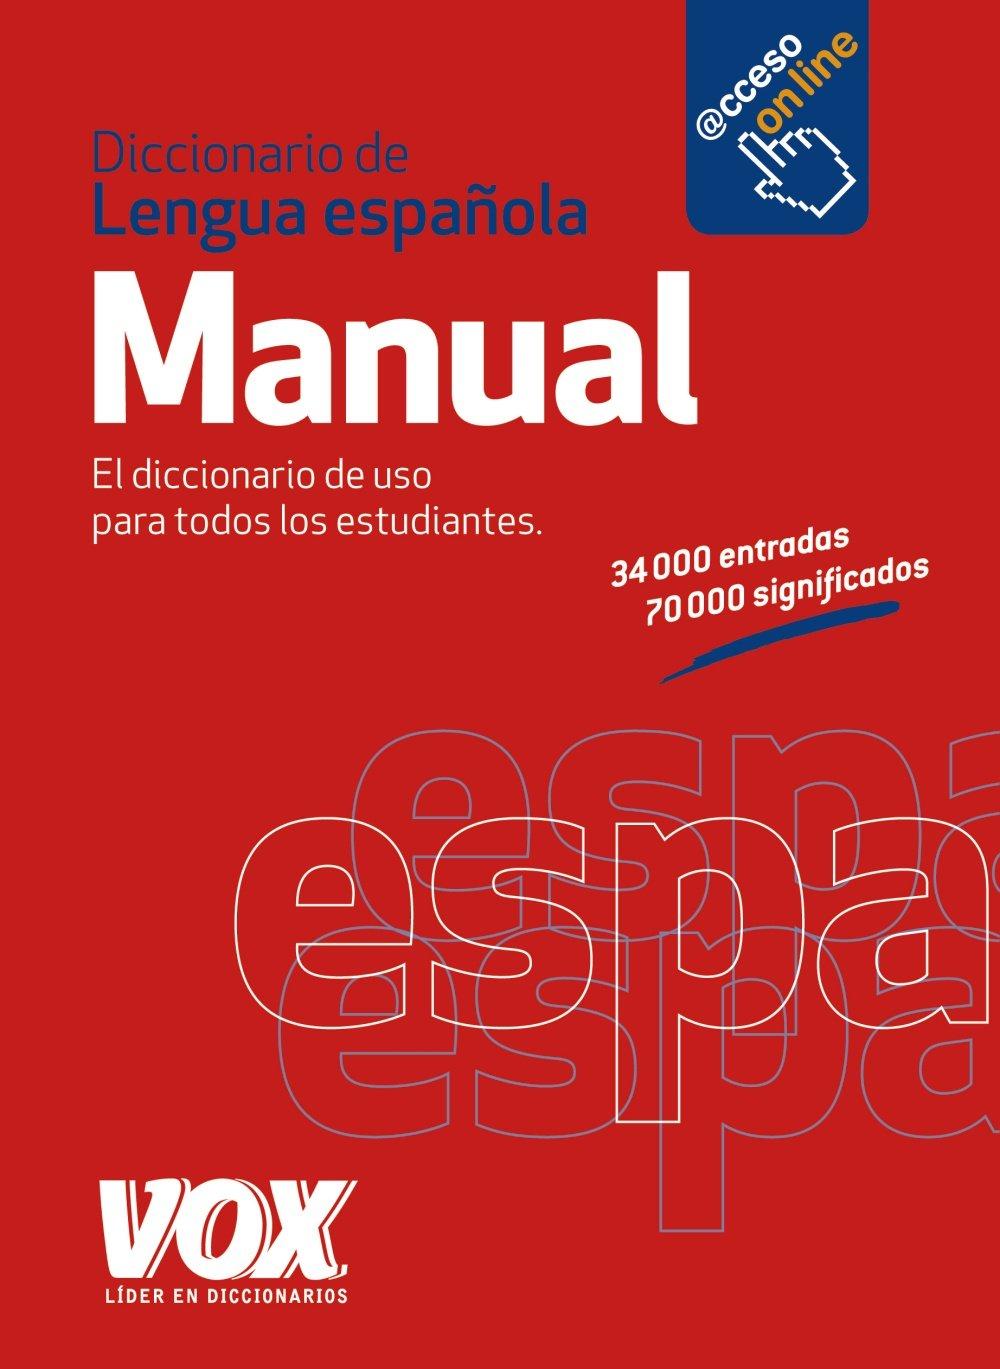 Diccionario Manual de la Lengua Española Vox - Lengua Española - Diccionarios Generales: Amazon.es: Larousse Editorial: Libros